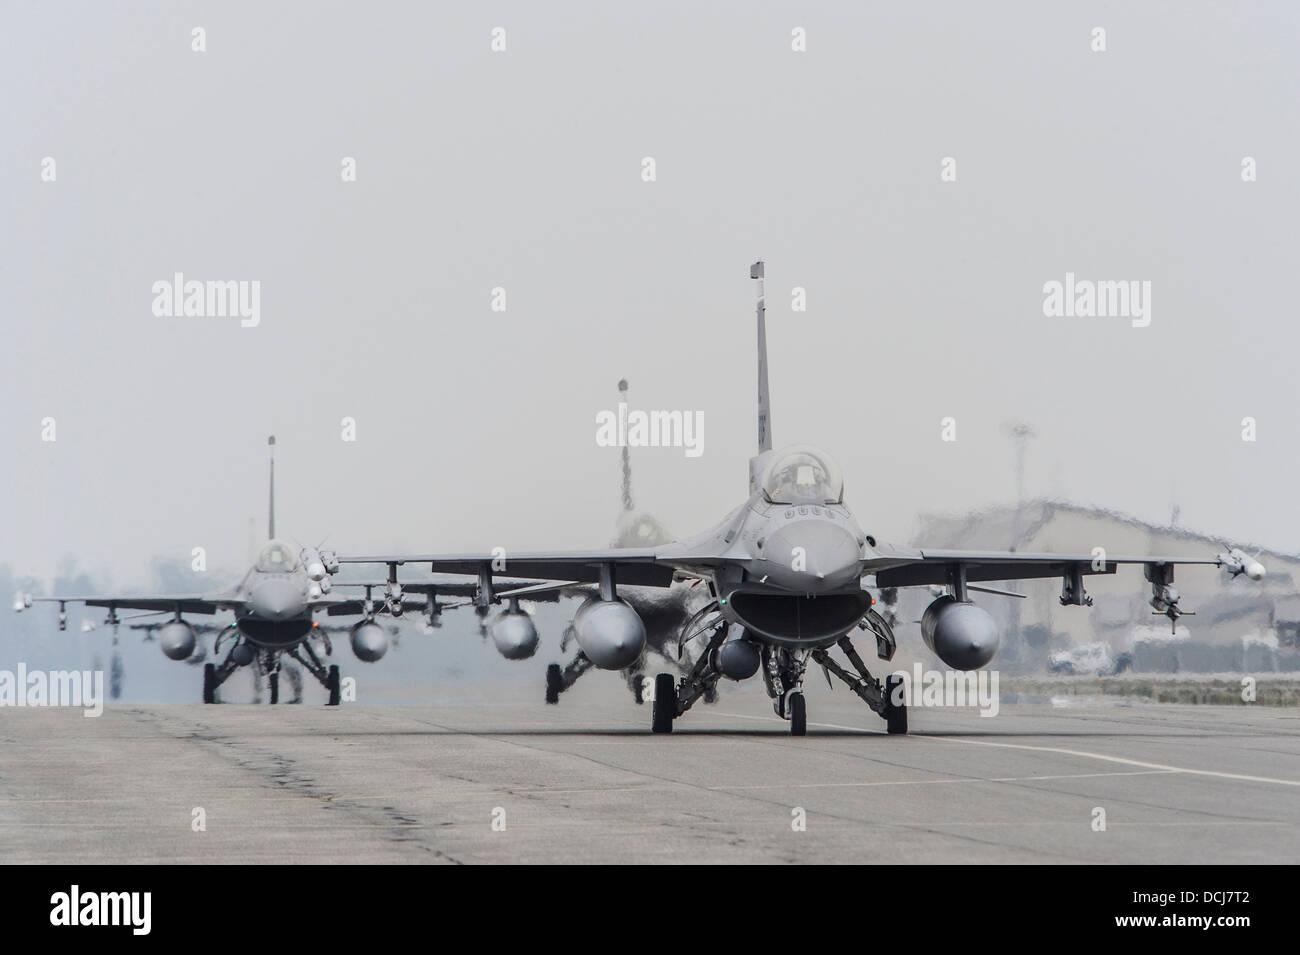 U.S. Air Force F-16 Fighting Falcon affecté à la 100e Escadron de chasse, Dannelly Field, Ala, taxi sur la piste au cours de l'exercice Red Flag Alaska 13-3 Le 12 août 2013, Eielson Air Force Base, en Alaska. Le F-16 est un appareil compact et polyvalent proposant un chasse-cos Banque D'Images